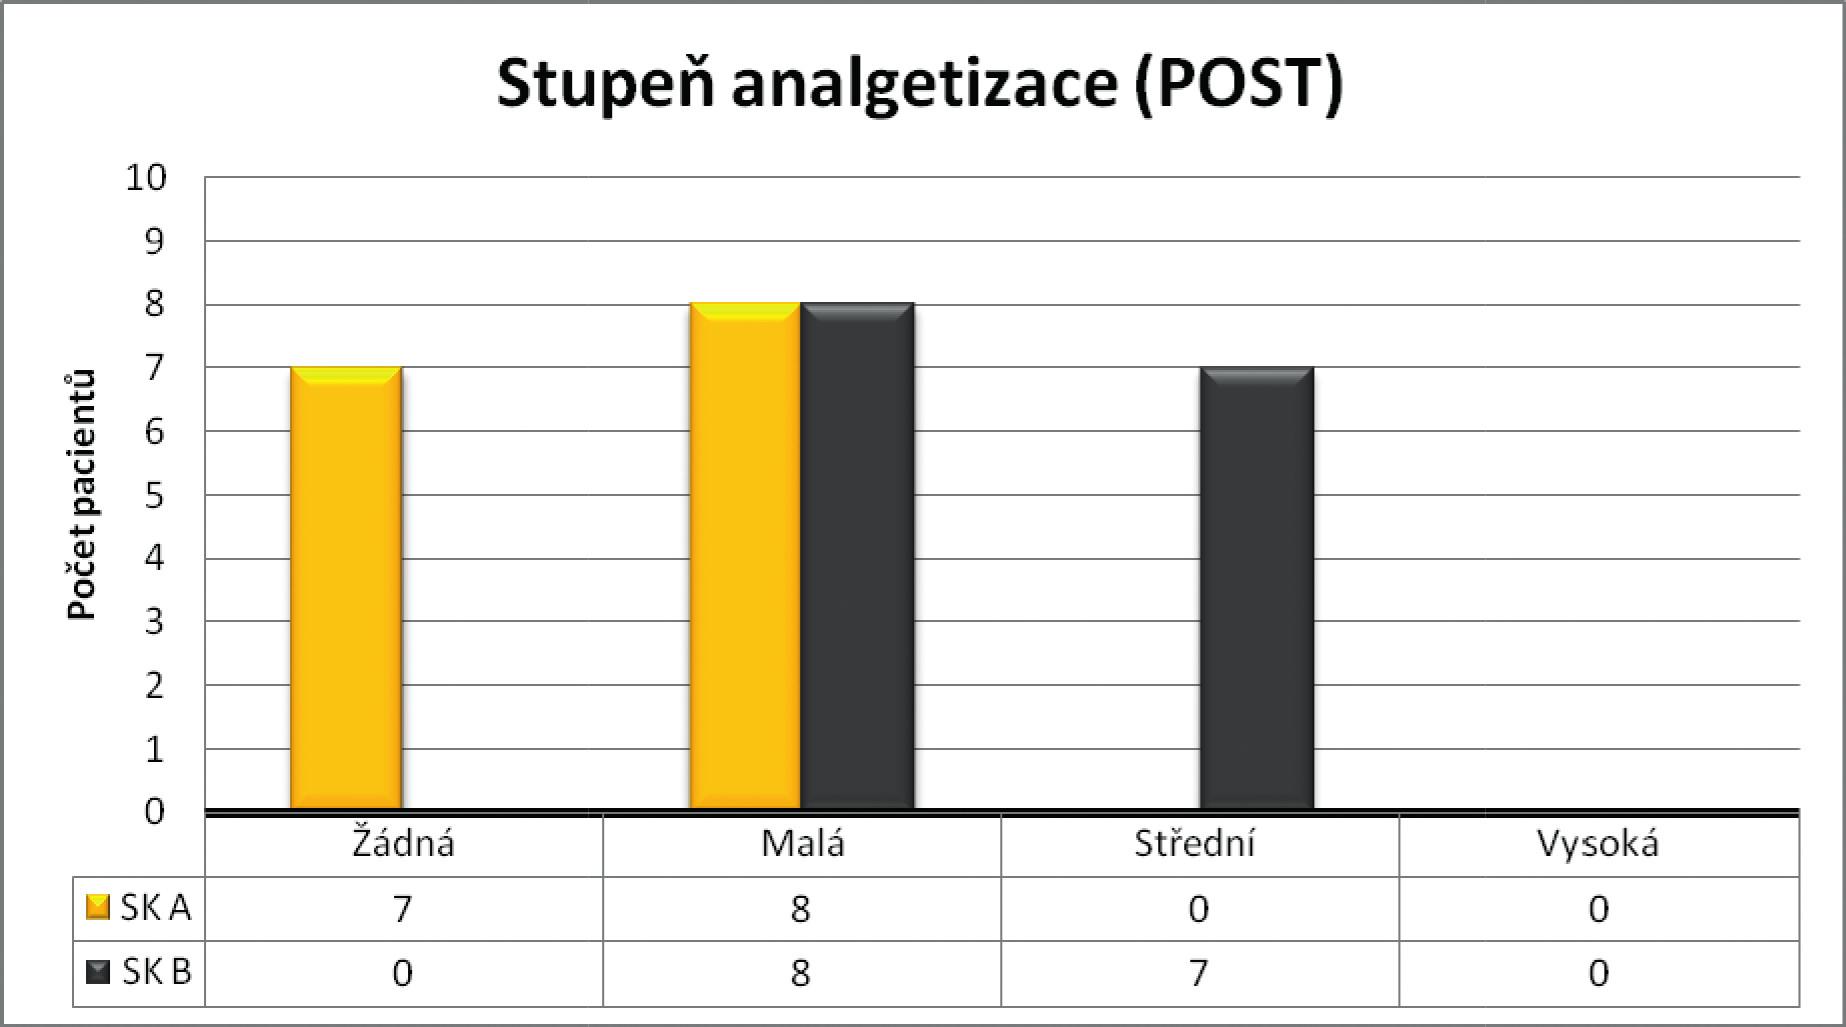 Výstupní hodnoty užívané analgetizace u obou sledovaných skupin.